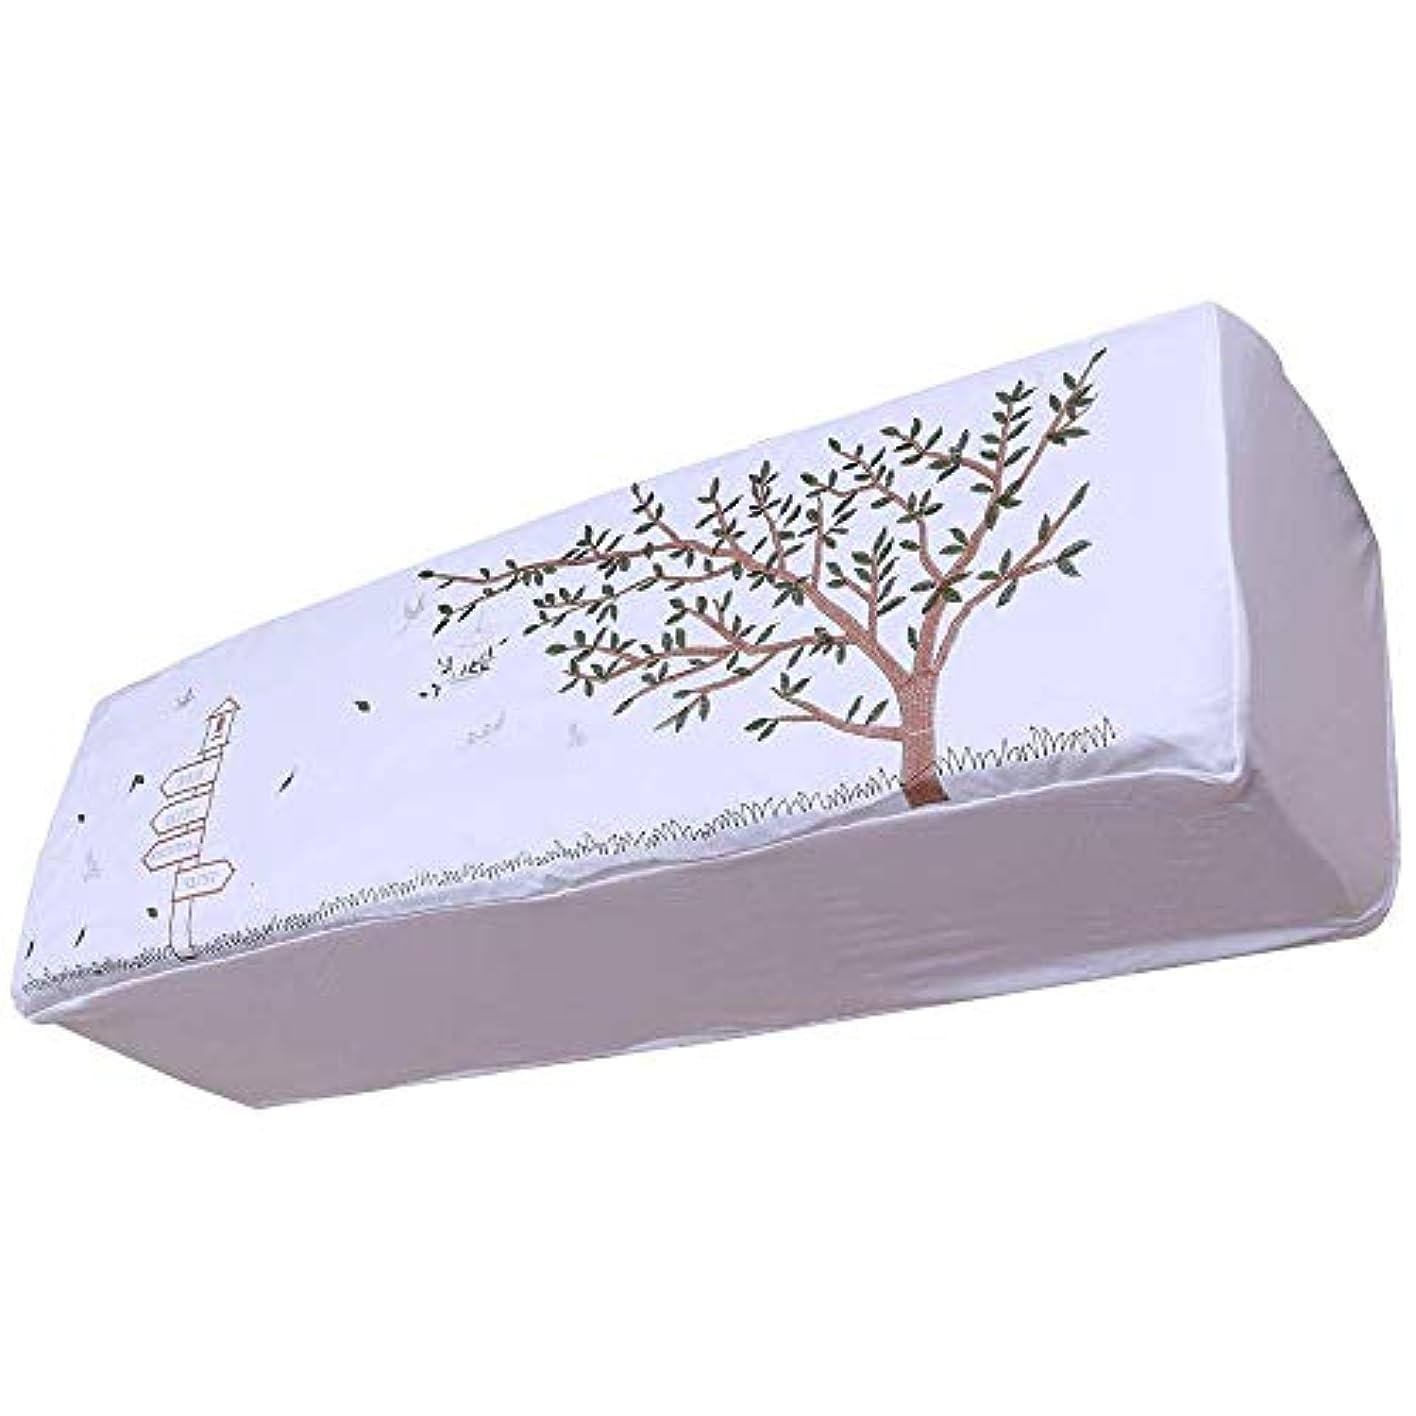 ナラーバー事実上望まない1個 セット 刺繍樹木 エレガント おしゃれ エアコンカバー 室内用 室内機カバー家電防塵カバー